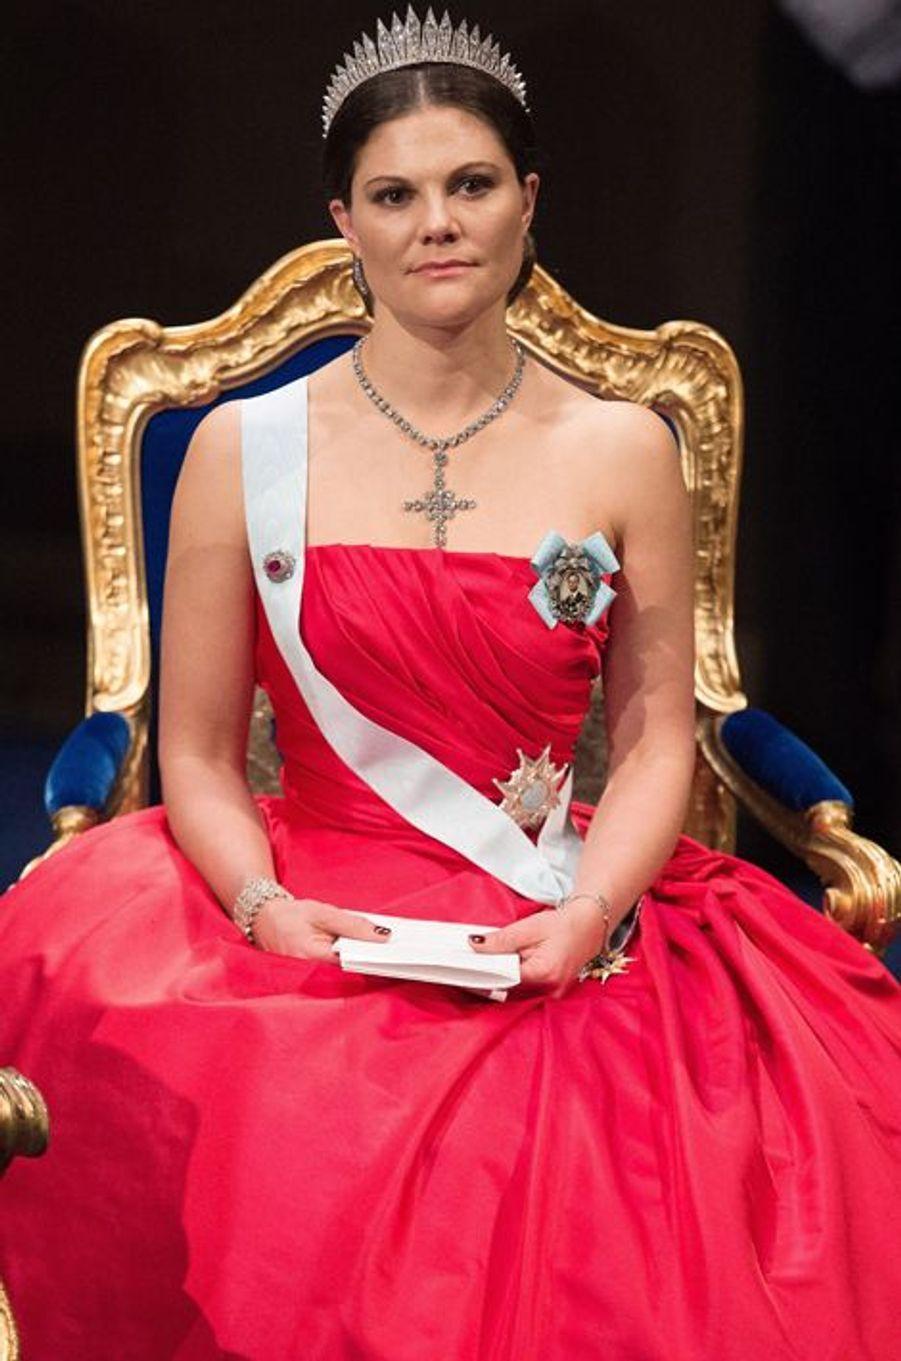 La princesse Victoria de Suède à la cérémonie de remise des prix Nobel à Stockholm, le 10 décembre 2014